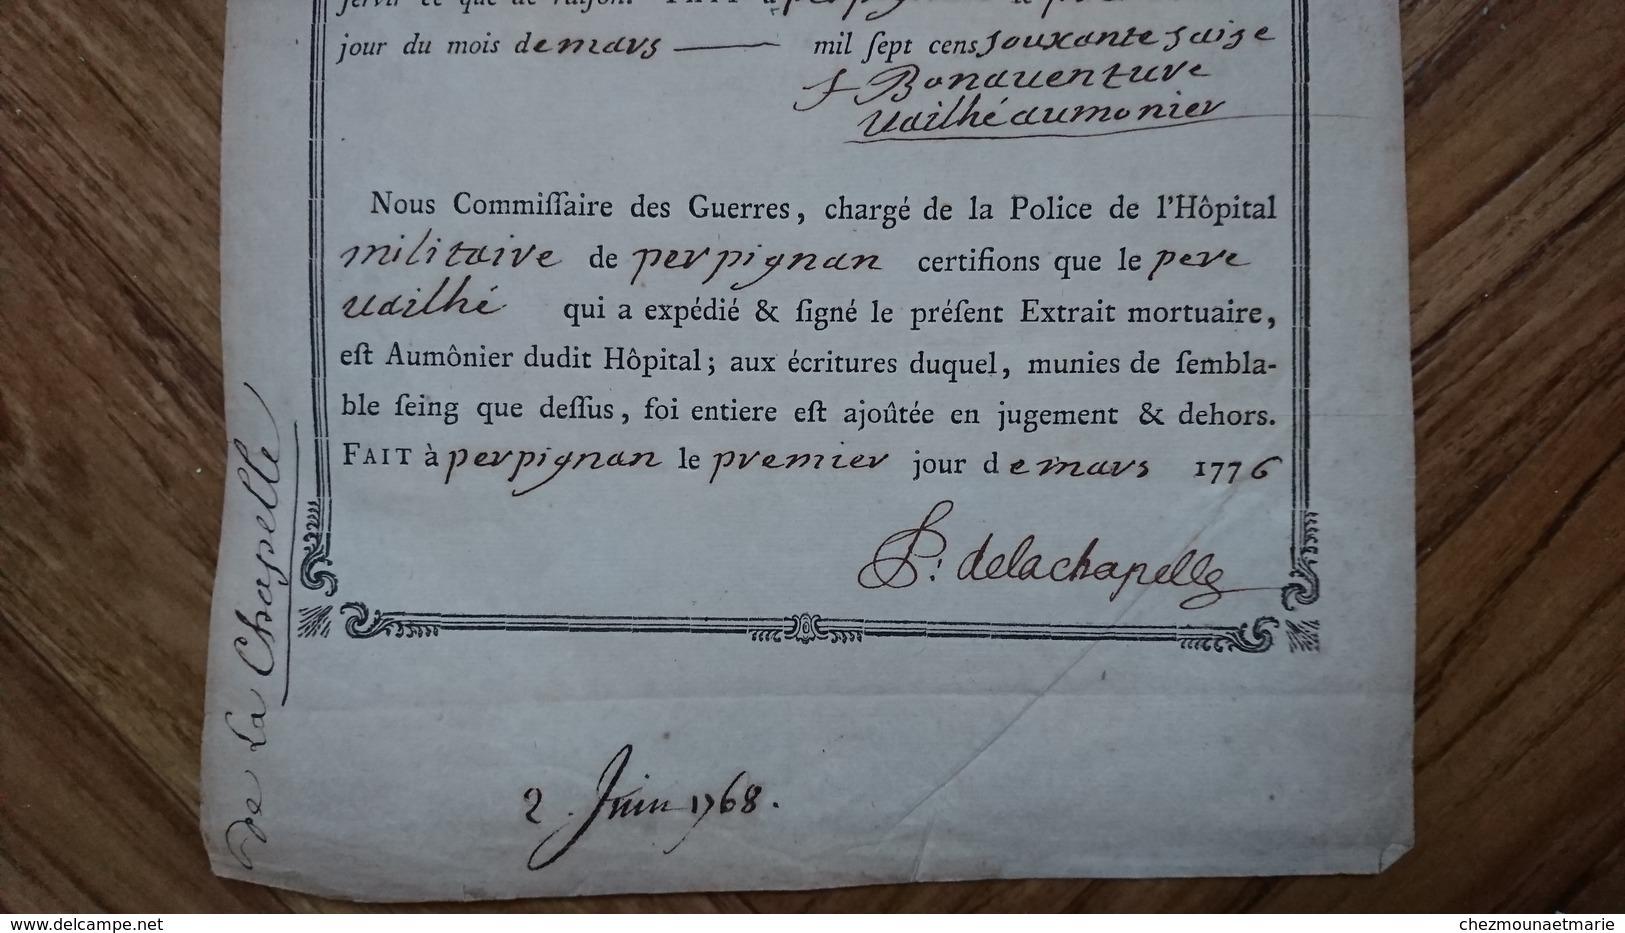 PERPIGNAN 1776 EXTRAIT MORTUAIRE HOPITAL REGIMENT DES INVALIDES COMMISSAIRE DES GUERRES DE LA CHAPELLE VAILHE AUMONIER - Historical Documents